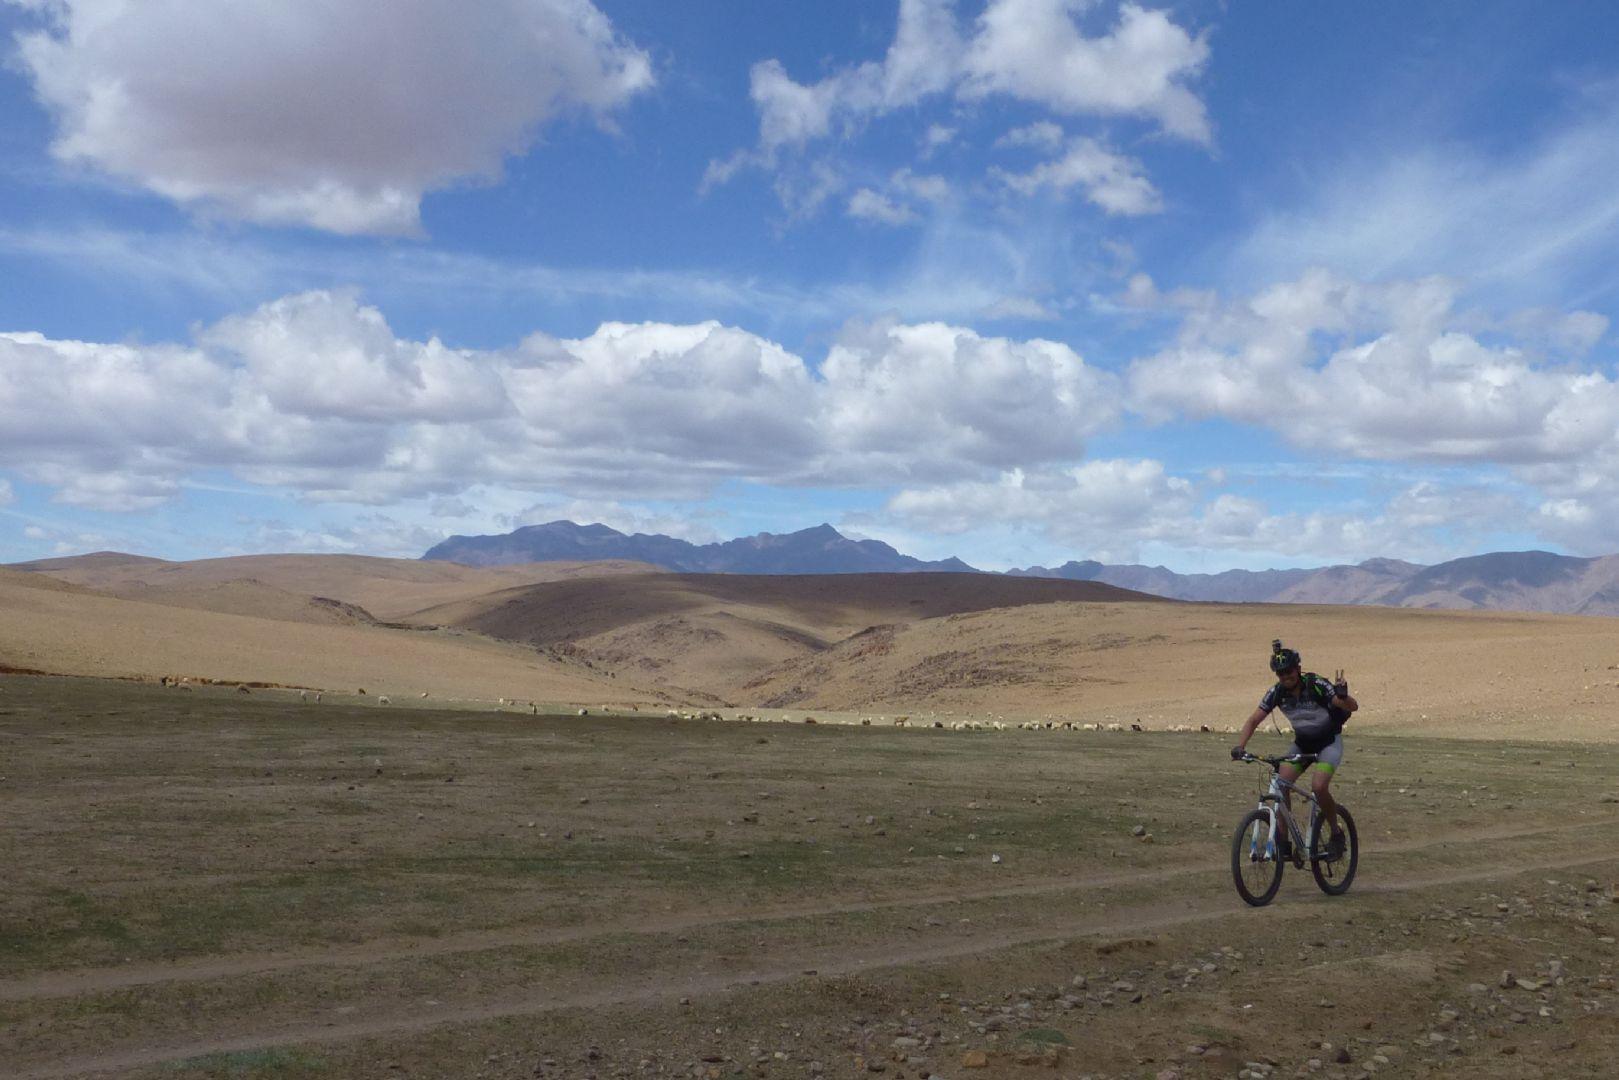 AtlasDesert.jpg - Morocco - Atlas to Desert - Guided Mountain Bike Holiday - Mountain Biking